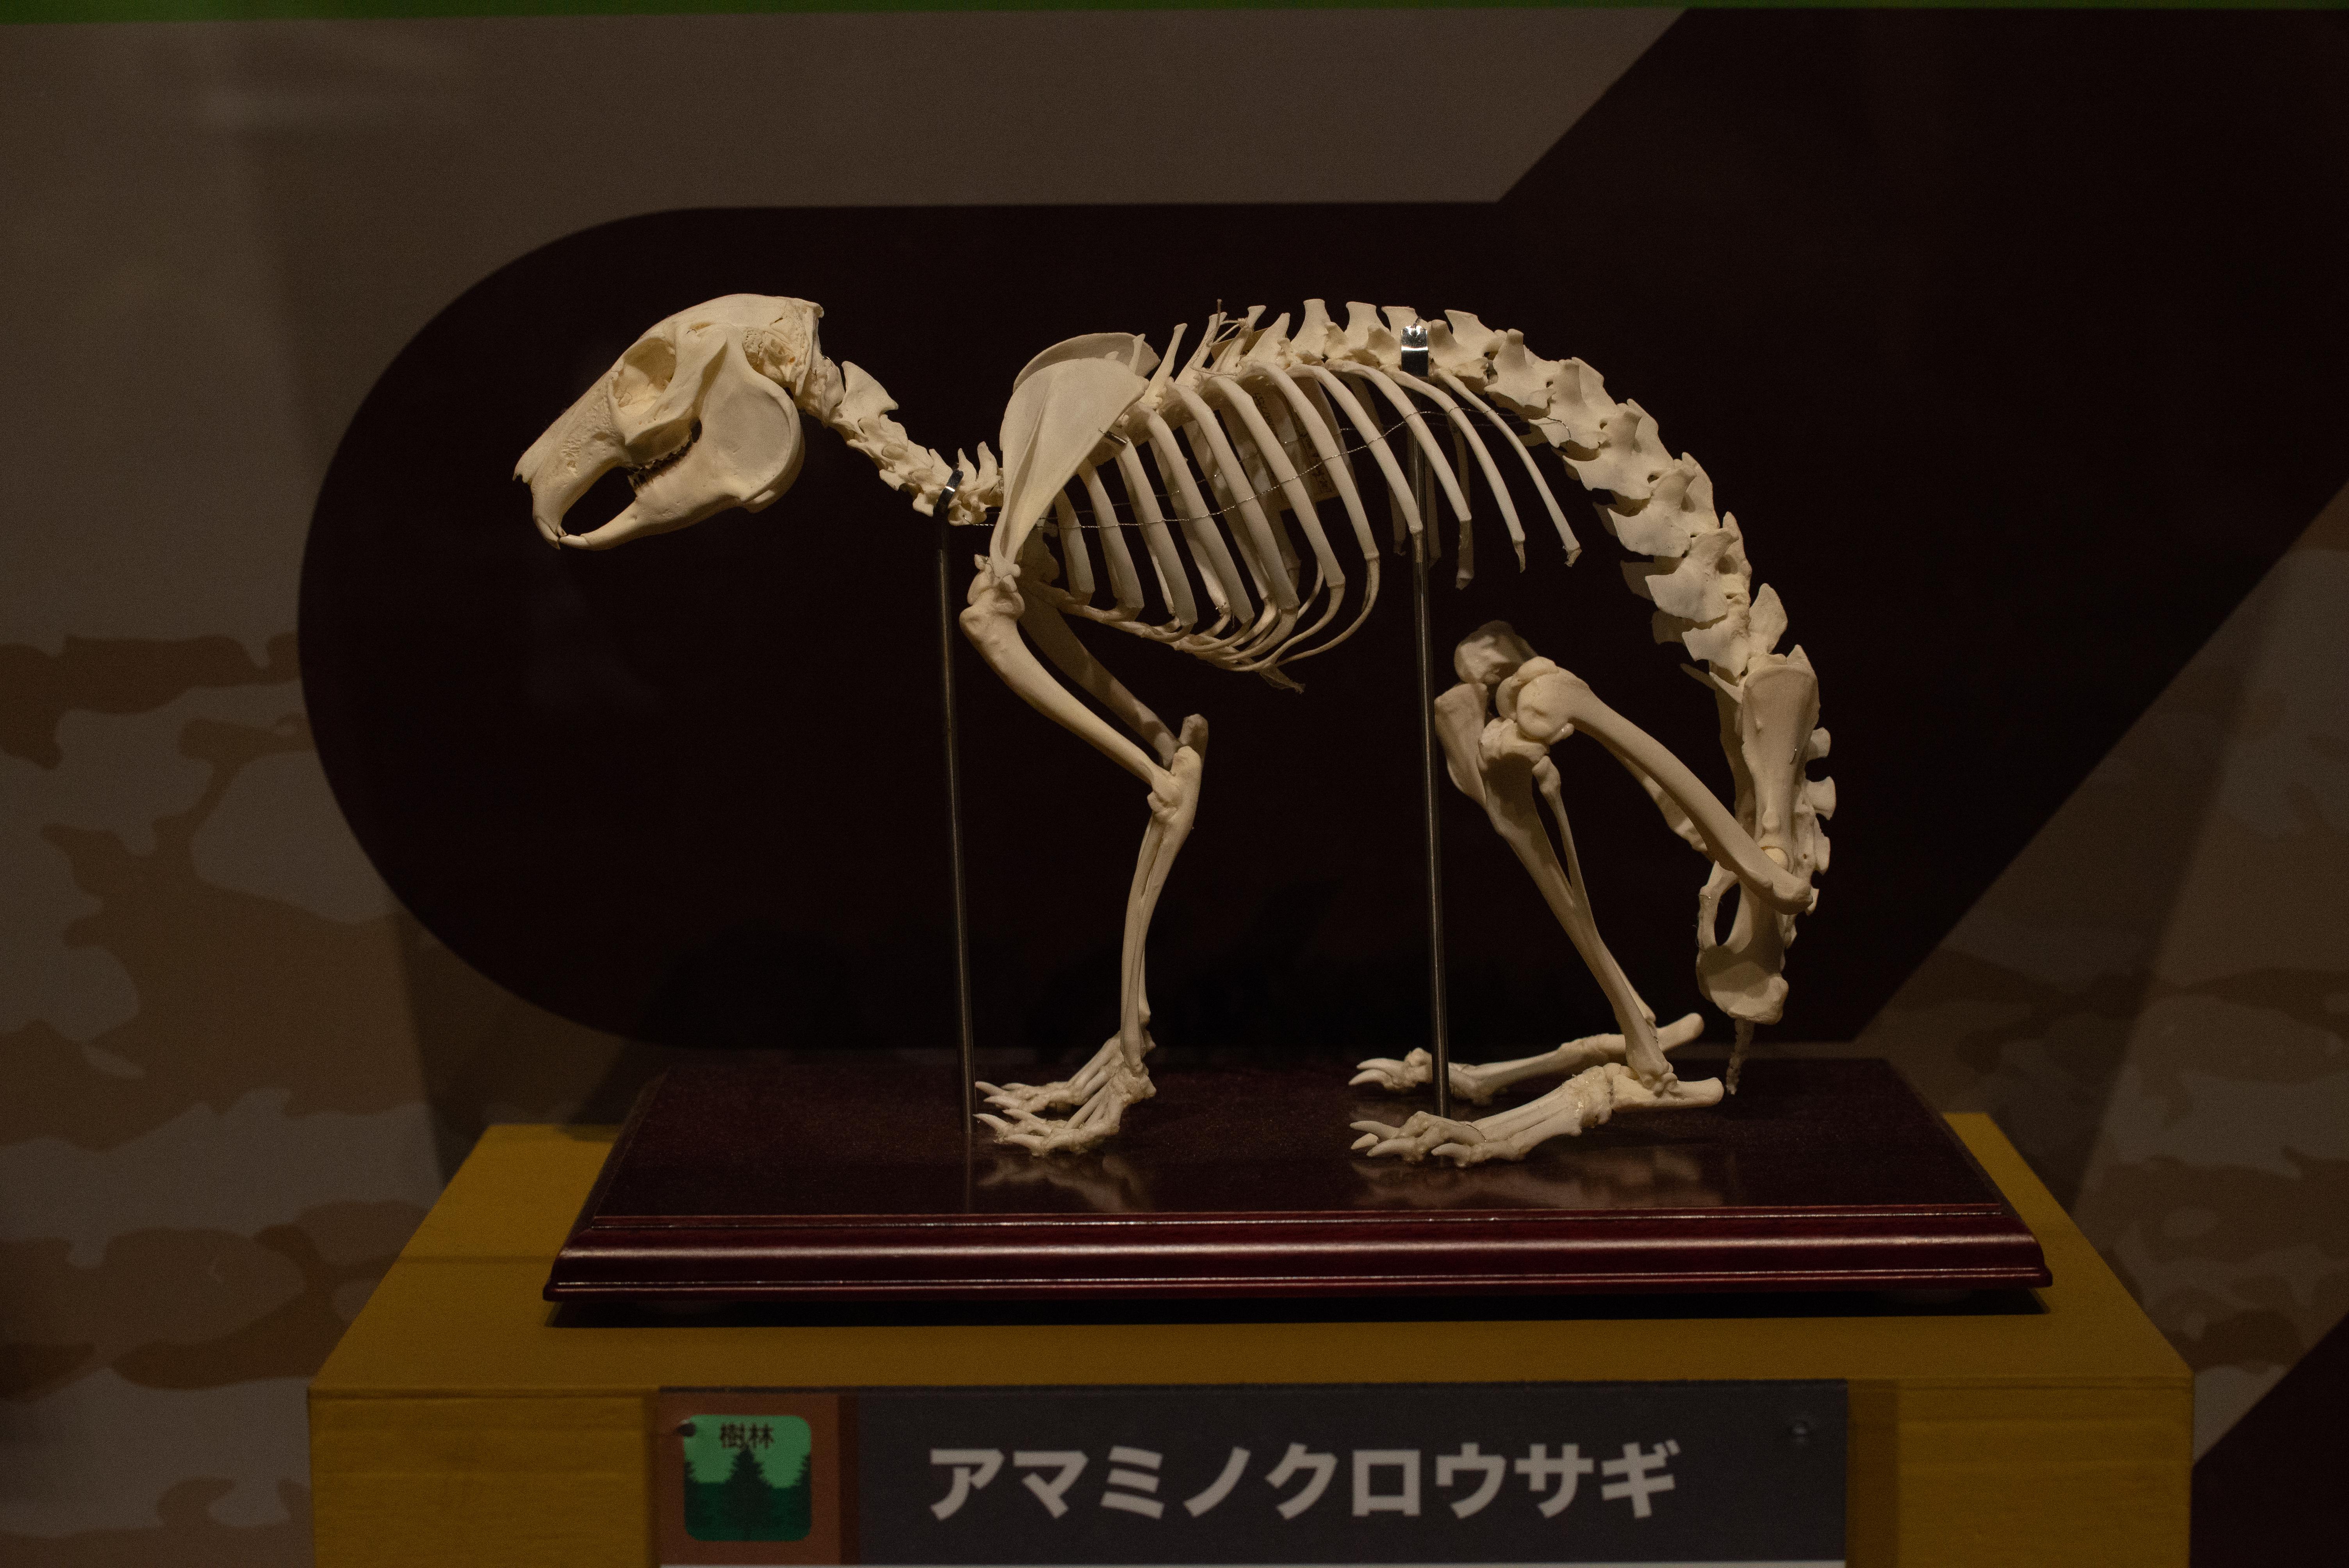 アマミノクロウサギ骨格標本